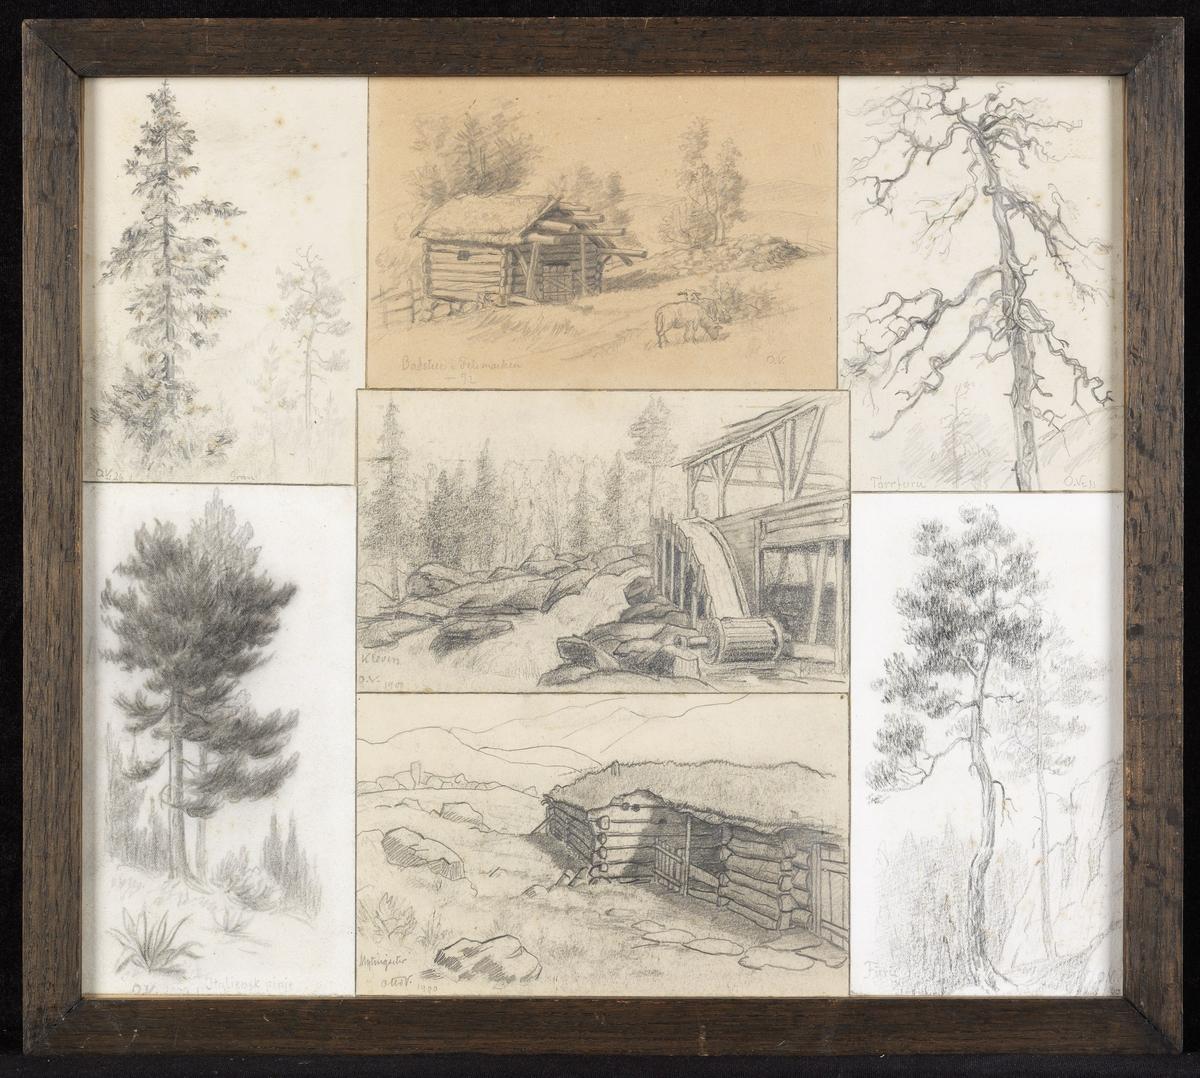 """Ned.tilv. nåletre, skr.""""O.V.1900?, Italiensk pinje""""; fjell-landsk. m. lavt tømmerhus, skr.""""Otto V.1900, Myndingseter""""; furu, skr.""""Furu, O.V.20""""; i midten oppgangsag, skog, skr.""""O.V.1900, Kleven""""; øv.tilv. gran, skr.""""O.V. 26, Gran""""; landsk. m. tømmerhus, 2 sauer, skr.""""Badstue i Tele- marken-92""""; del av dødt tre, skr. """"tørrfuru, O.V.11"""""""